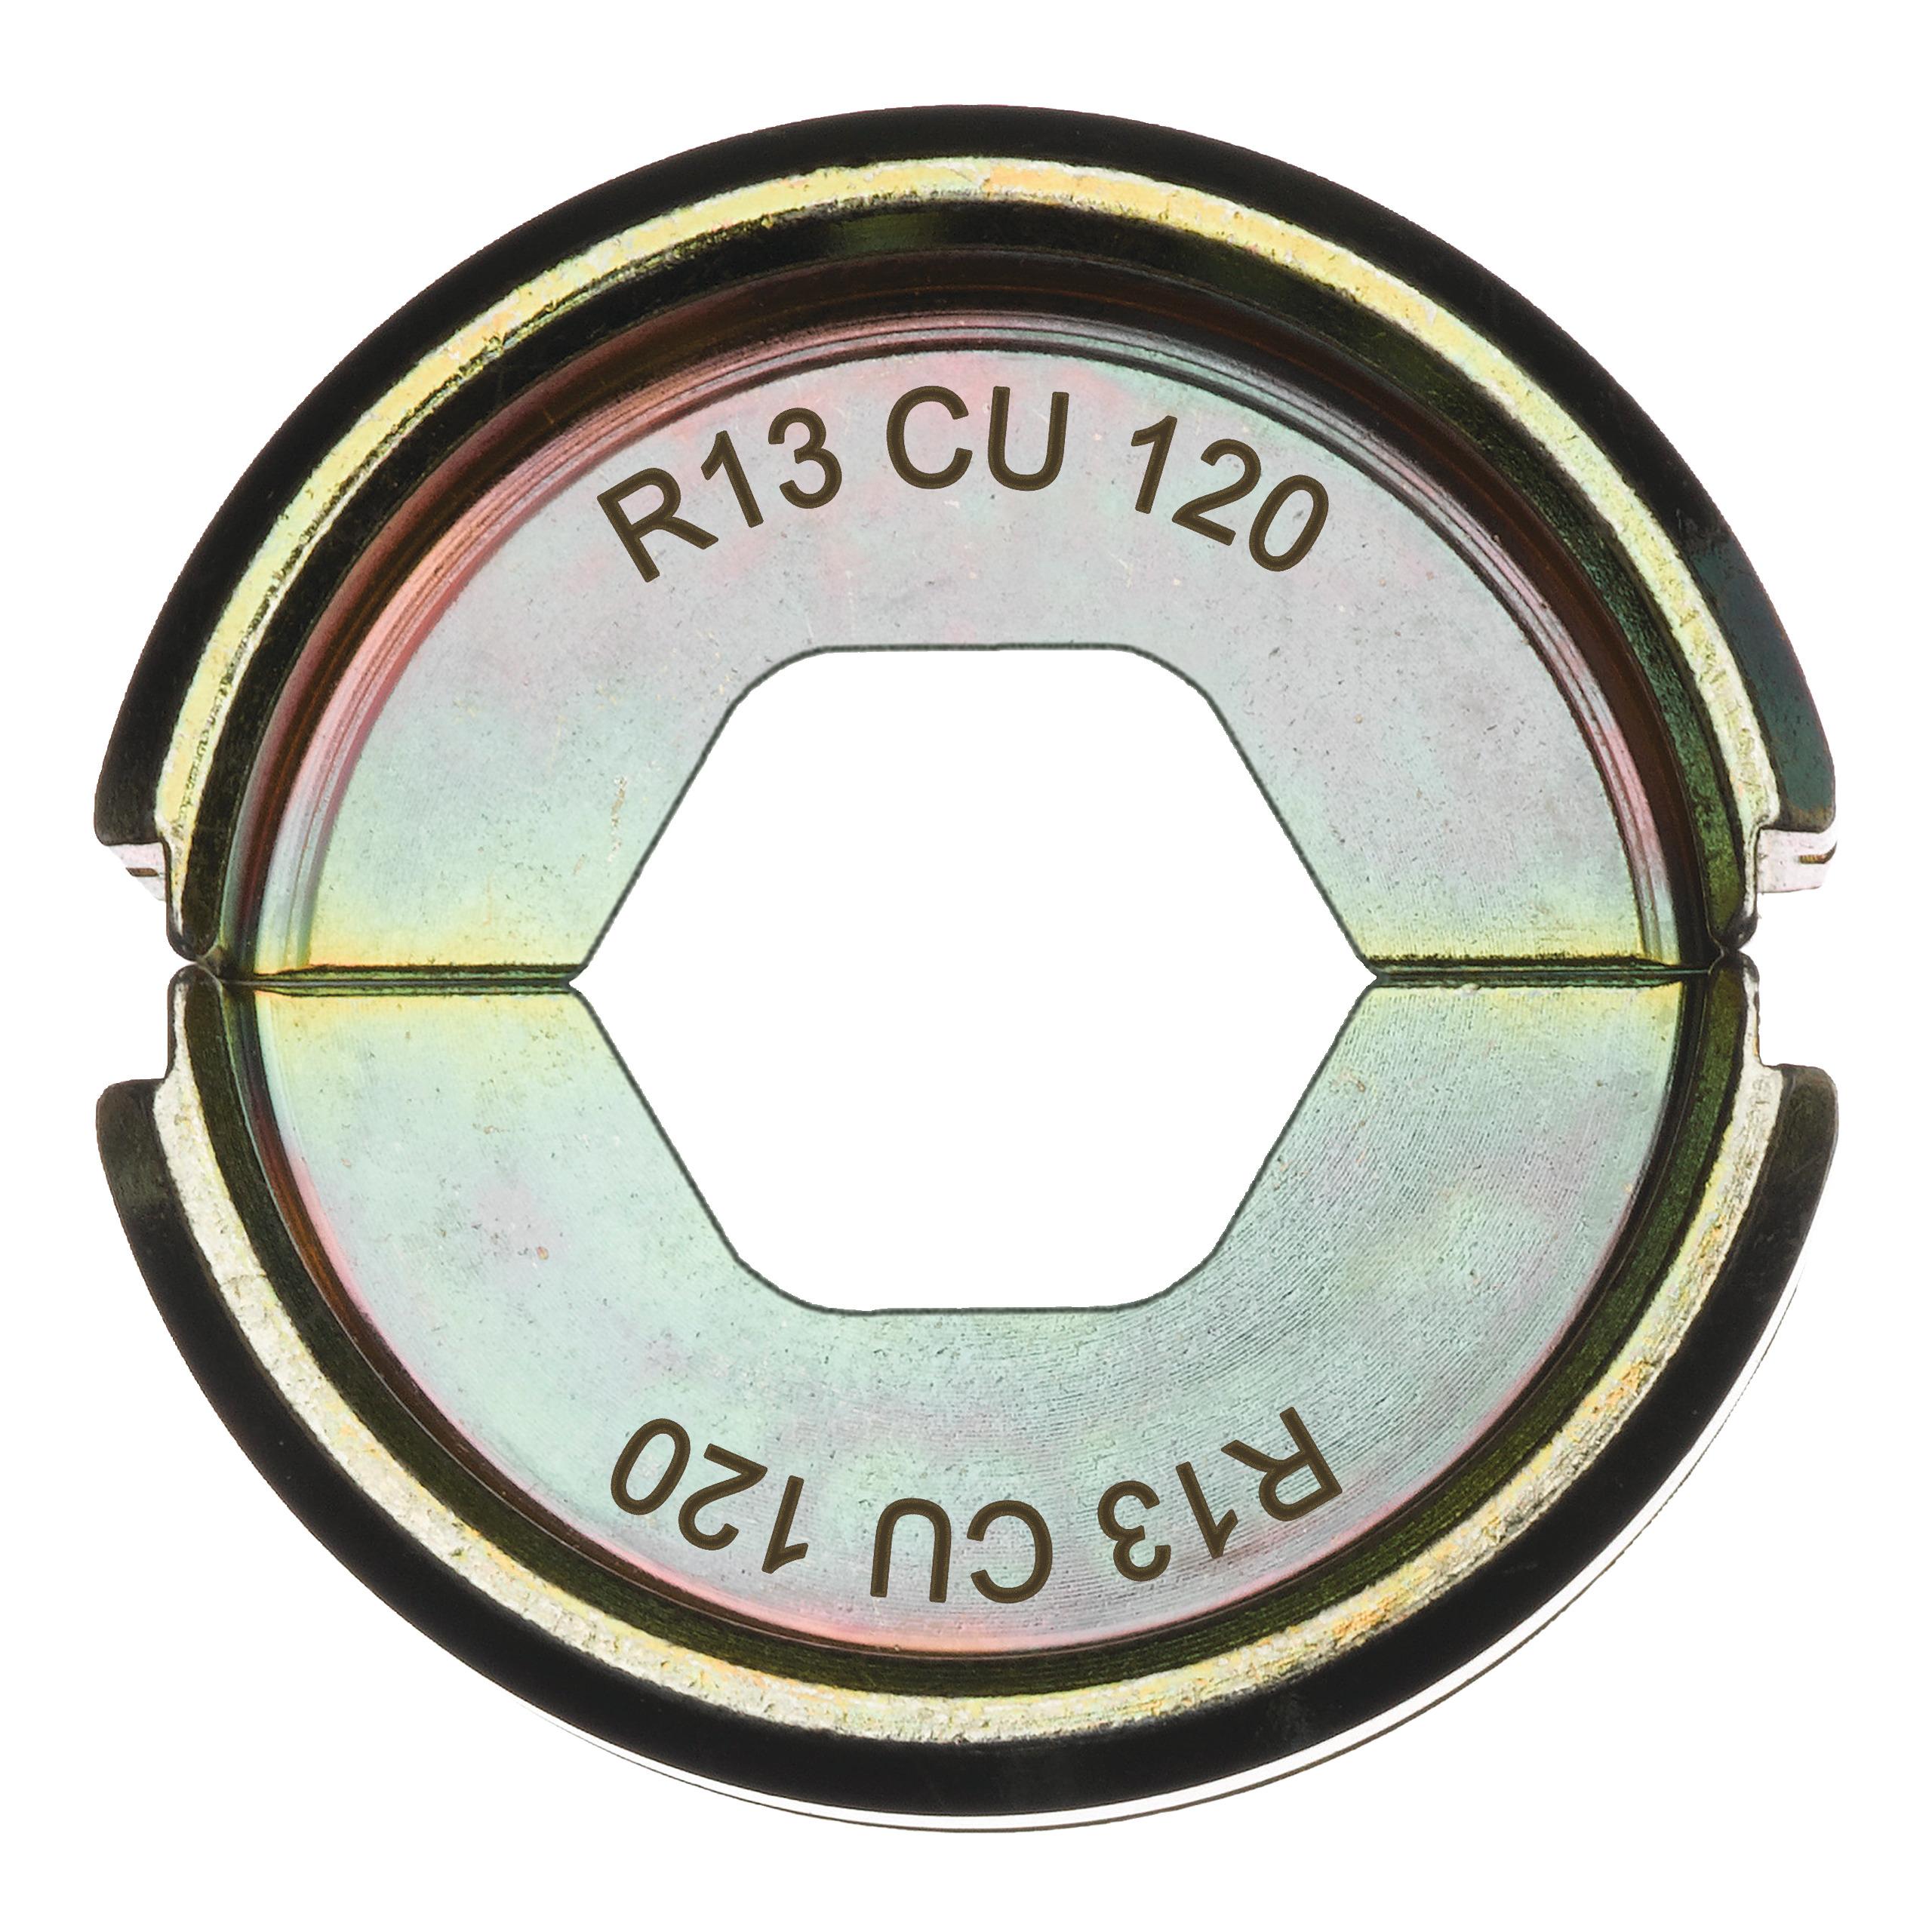 R13 CU 120-1PC Pojistný kroužek